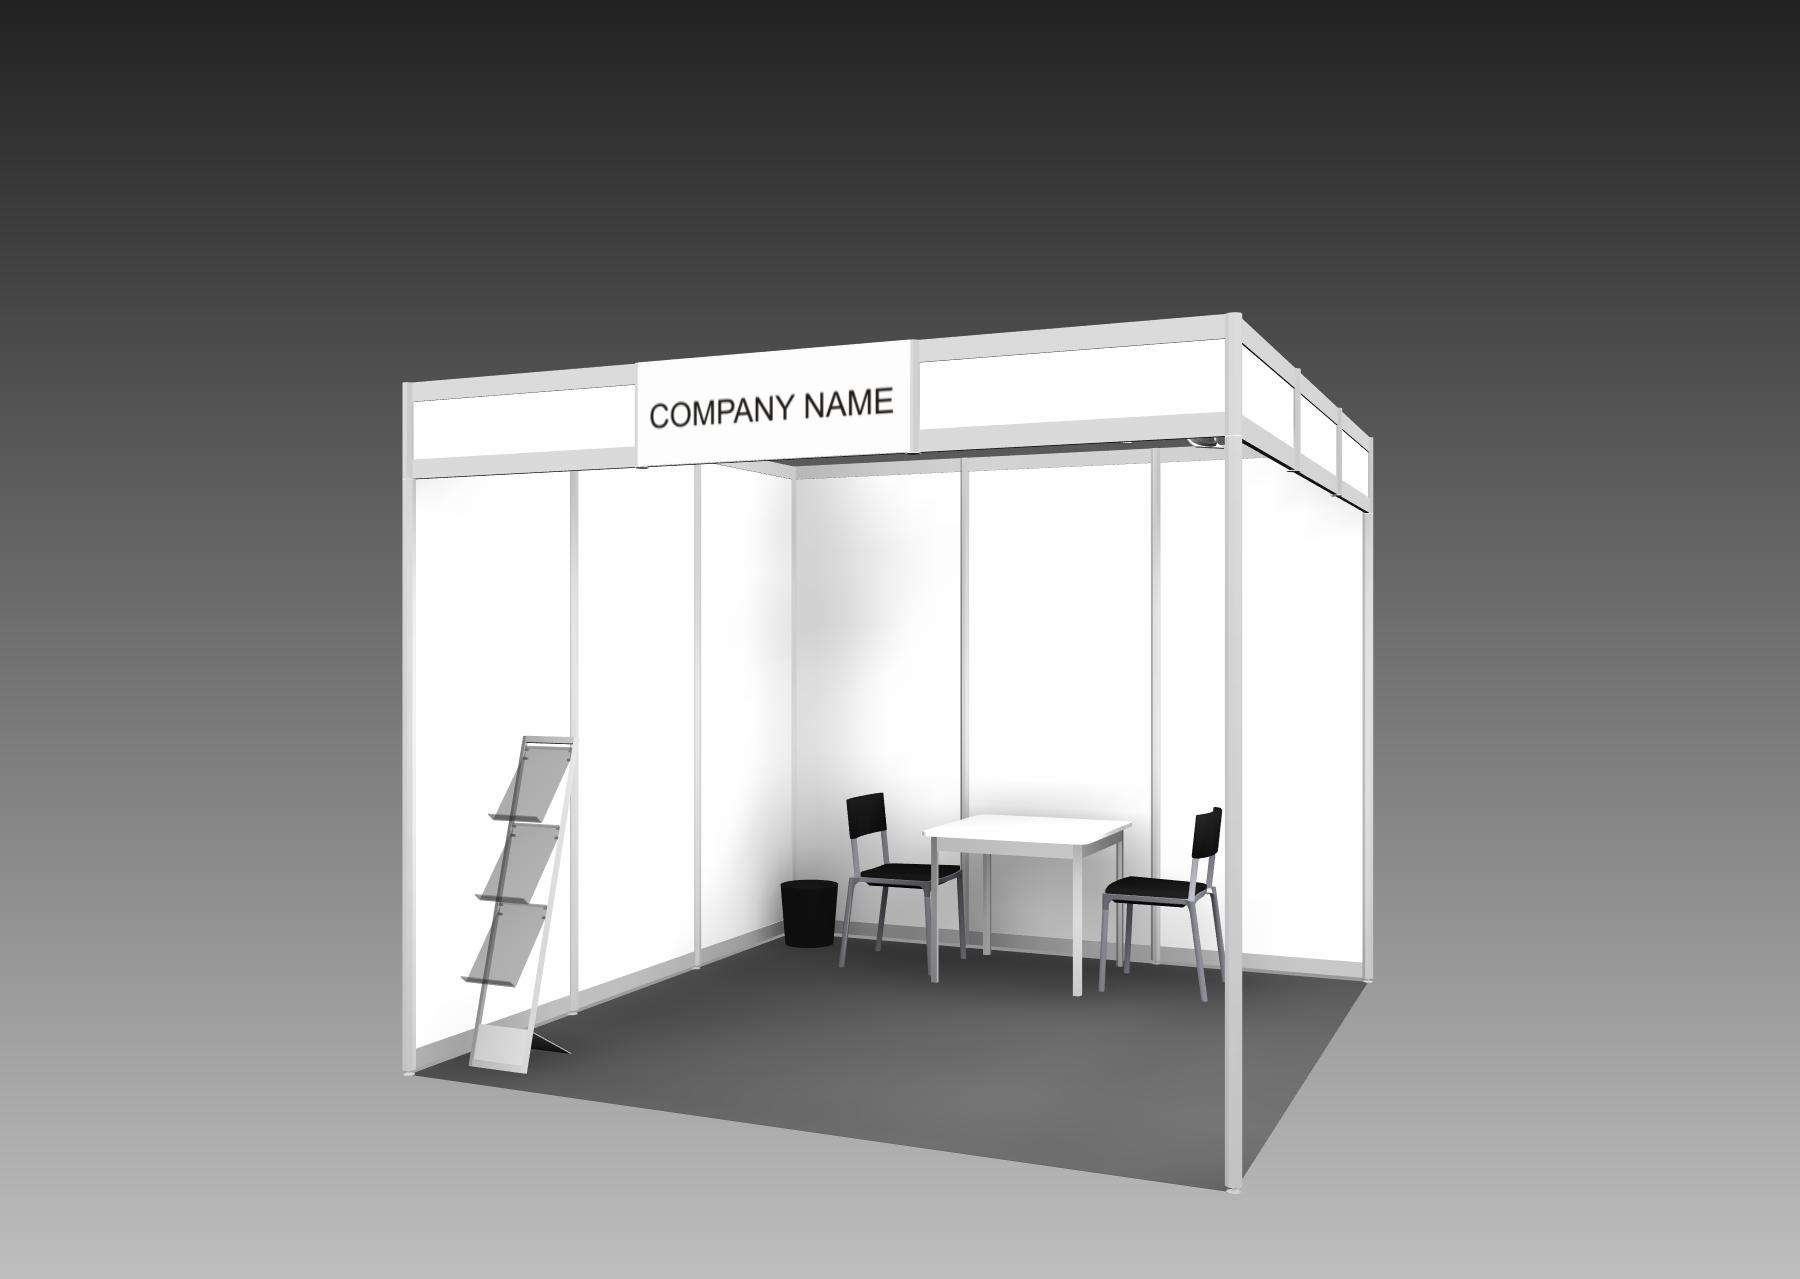 Exhibition Booth Standard Shell Scheme : Exhibition standard shell scheme booth pump summit americas 2018